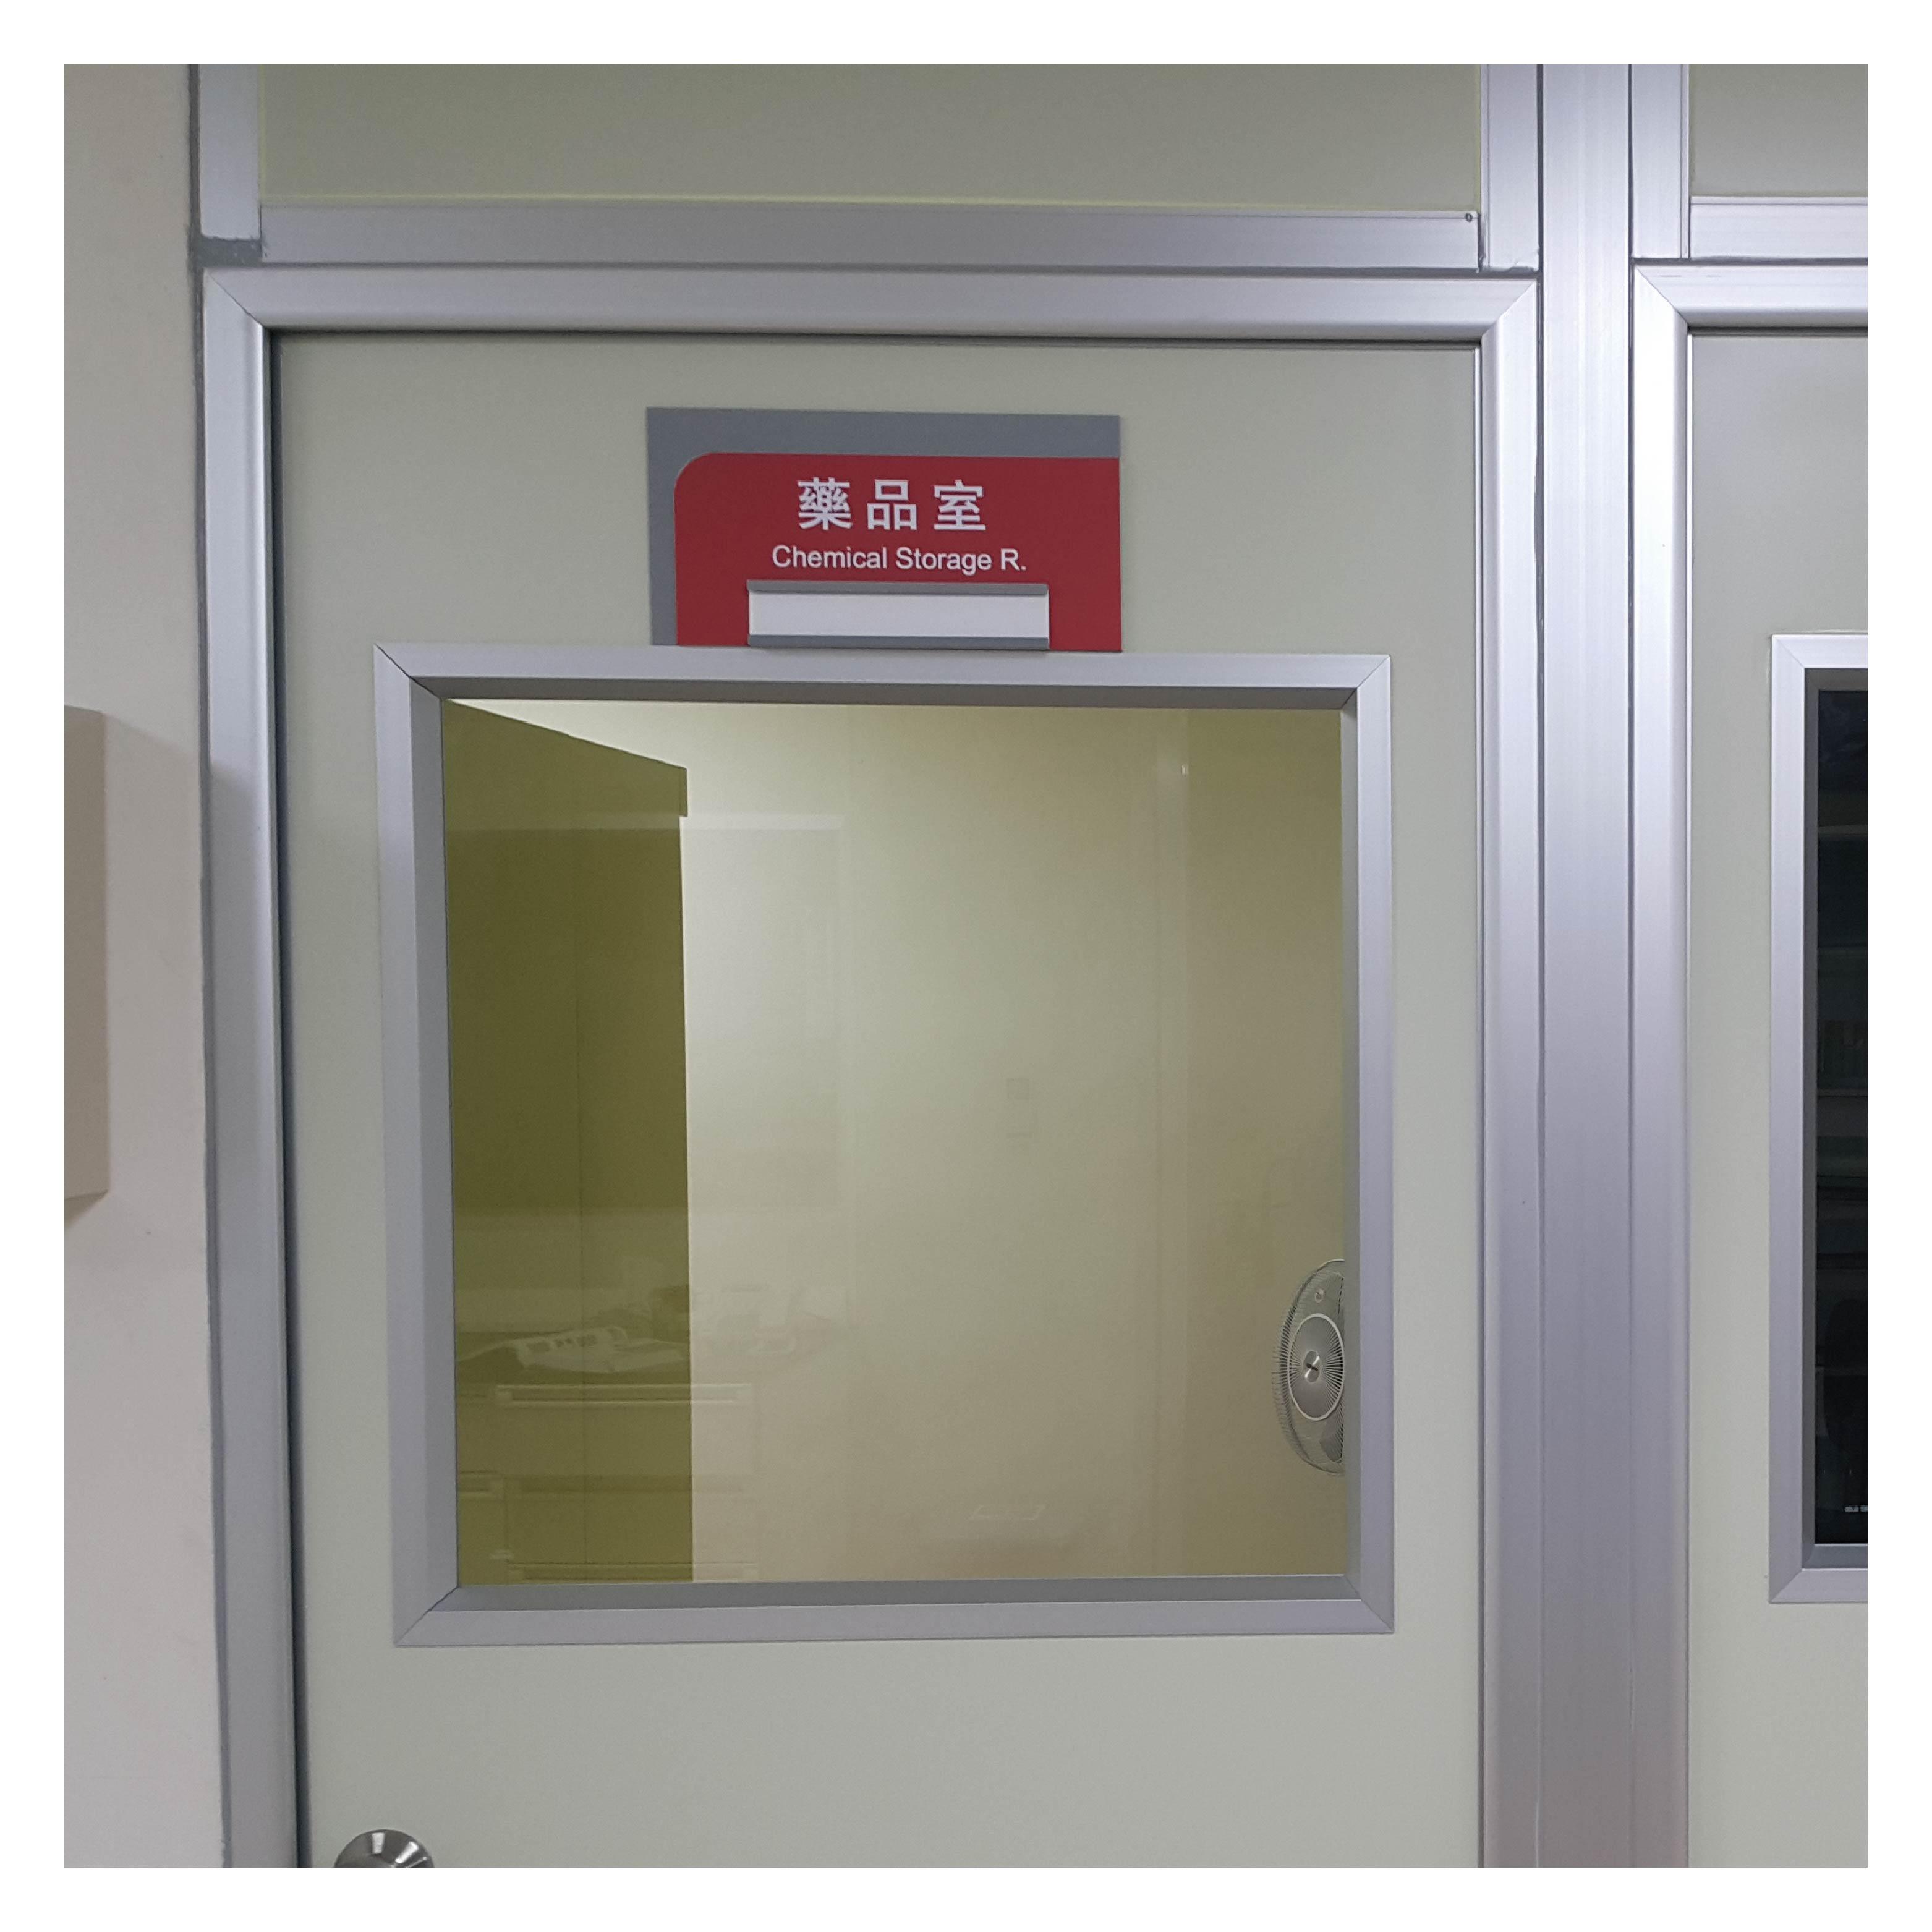 壓克力門牌標示牌